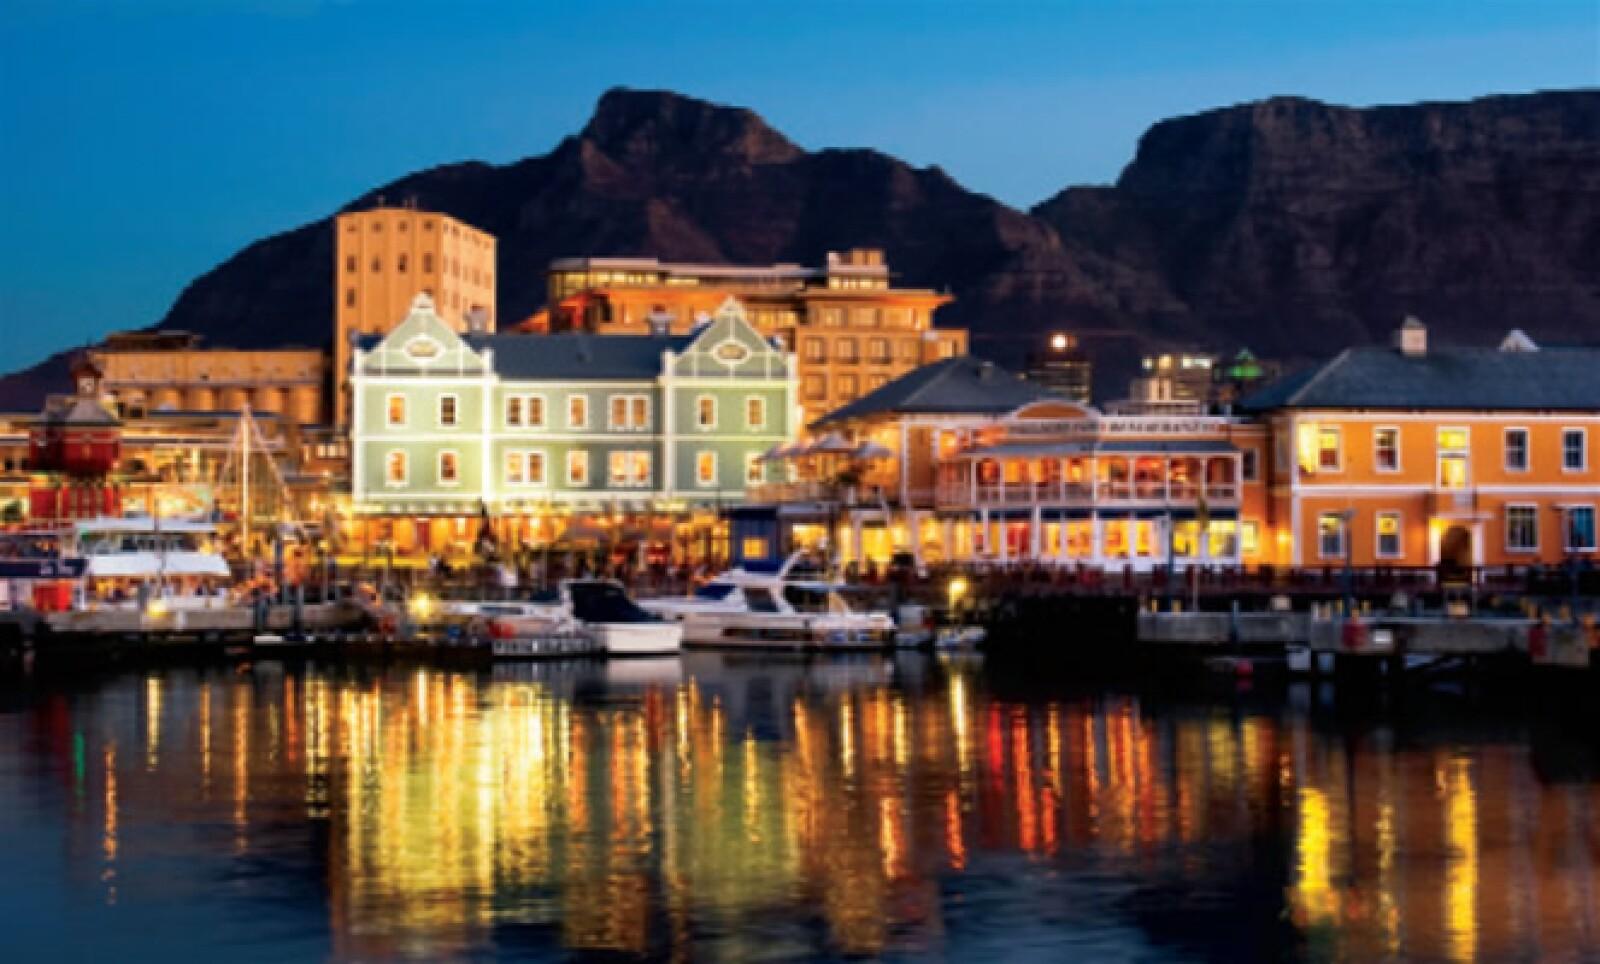 El V&A Waterfront concentra los mejores restaurantes, hoteles, tiendas y espectáculos para disfrutarse de noche.